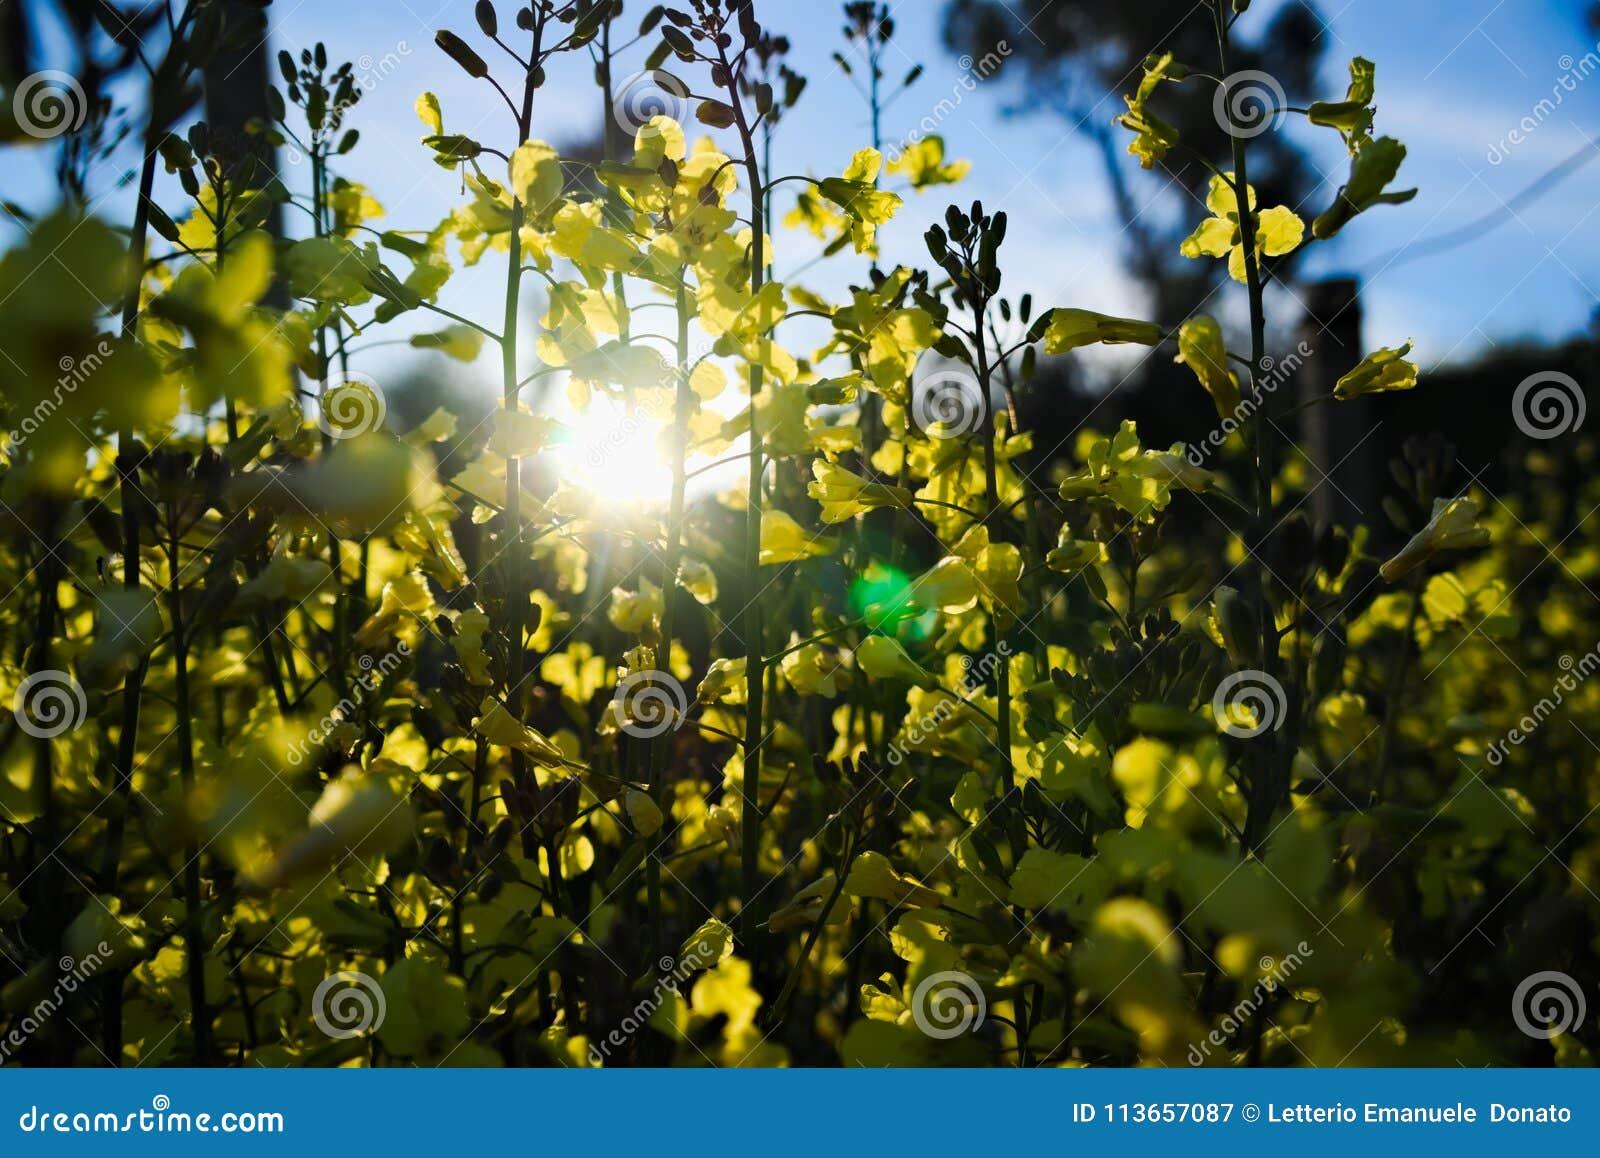 Yellow flowers of broccoli stock image image of background group yellow flowers of broccoli mightylinksfo